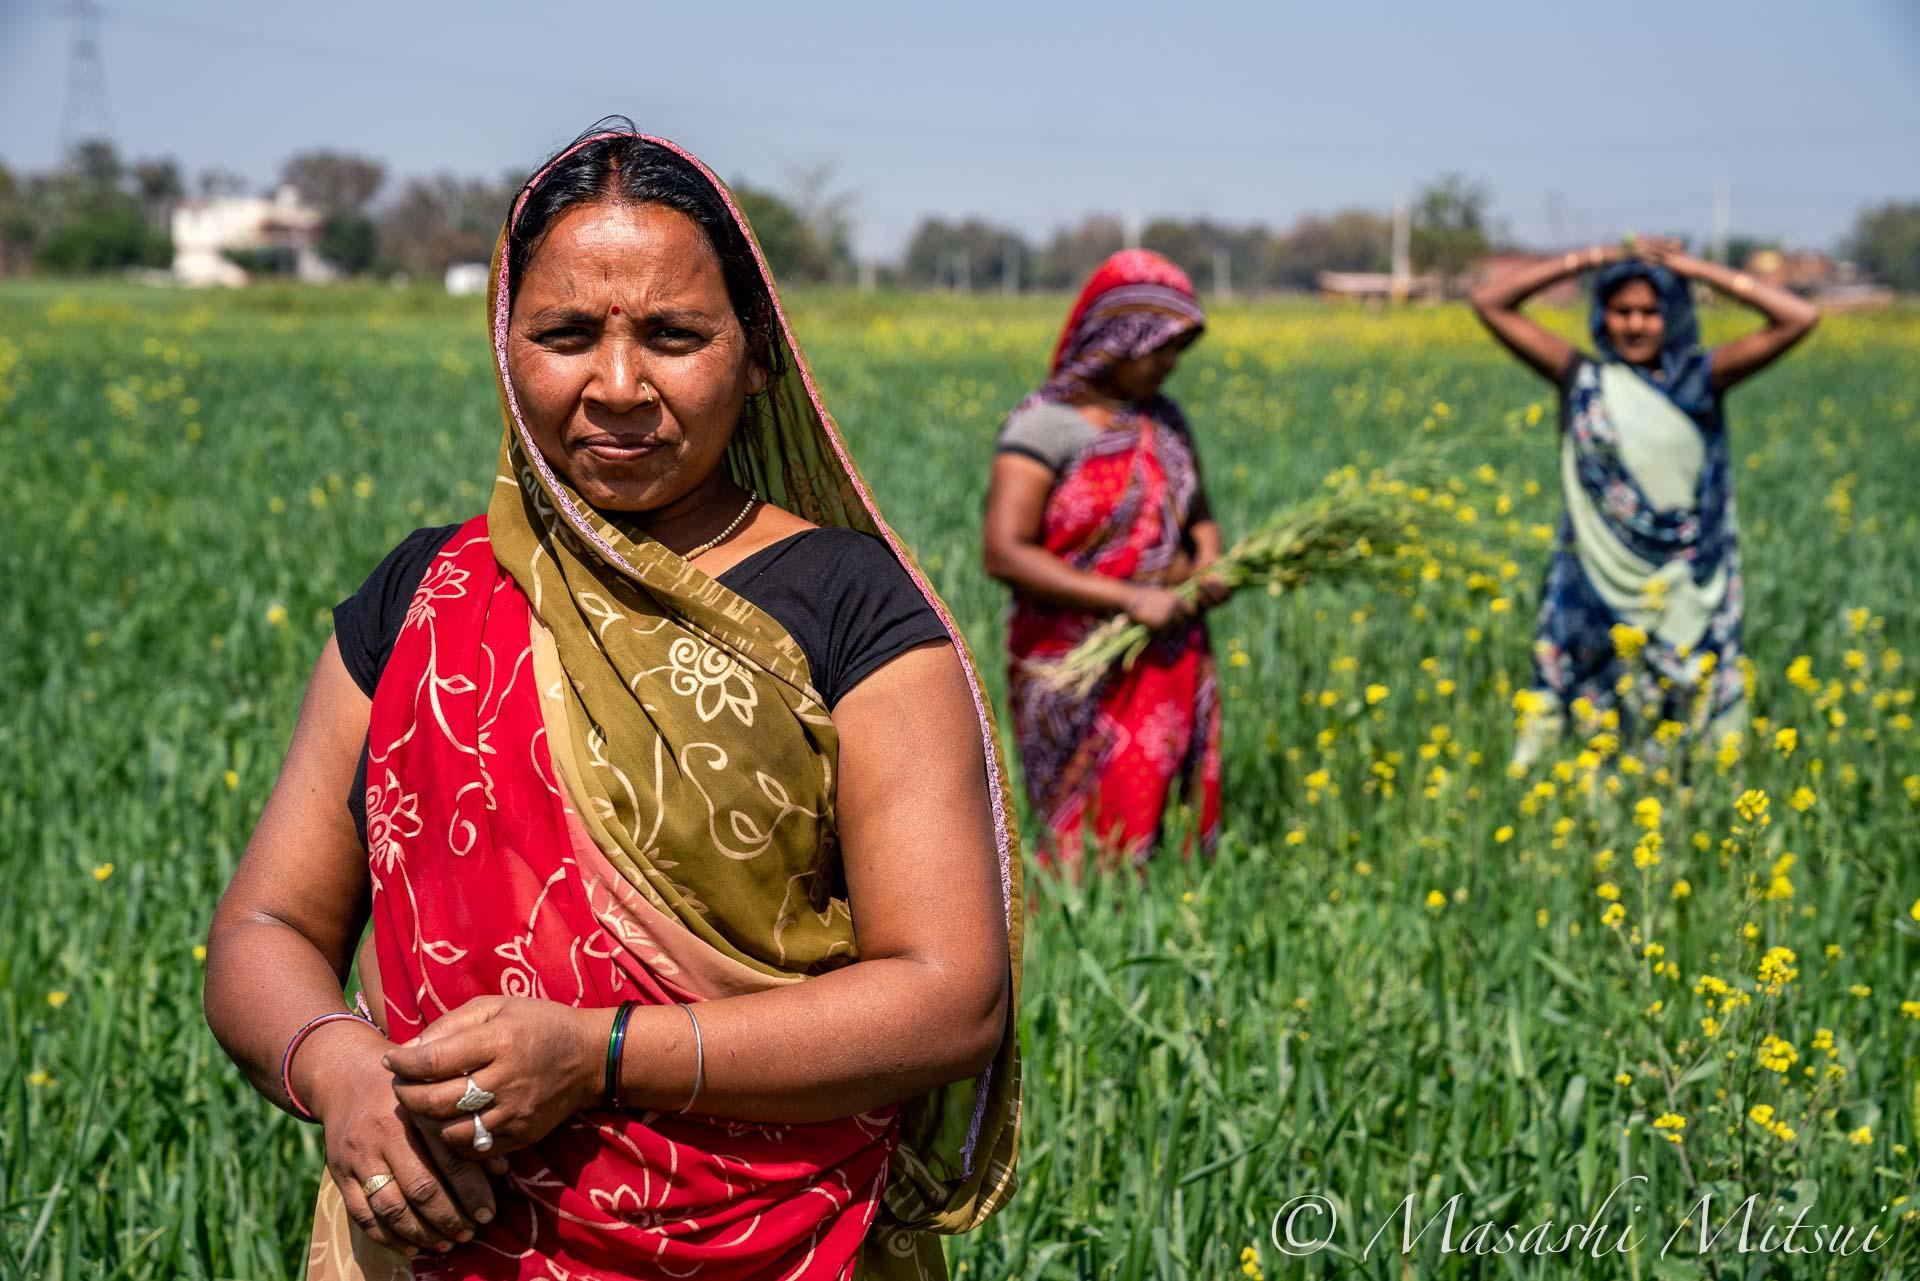 india19-98445